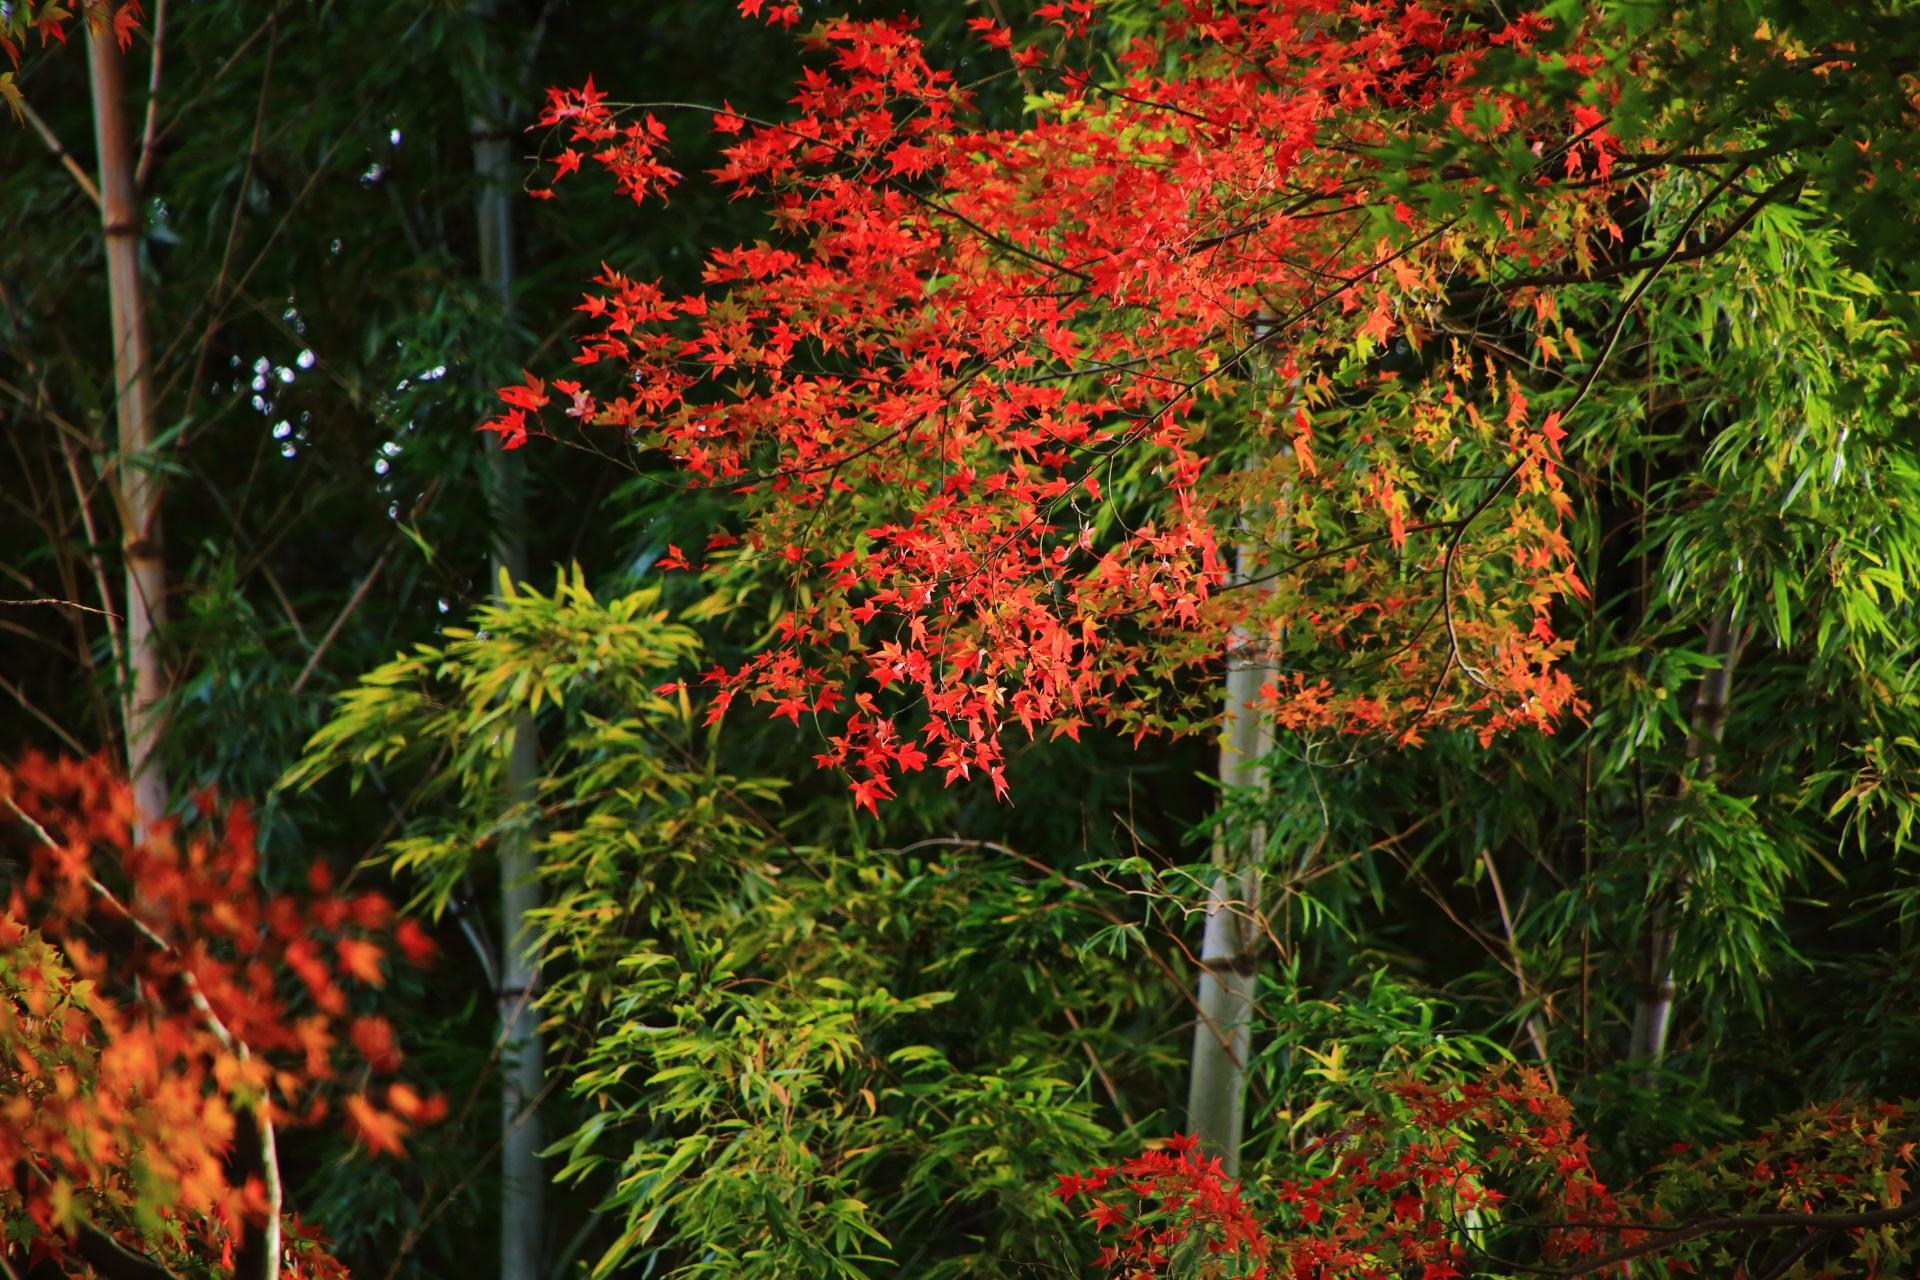 地蔵院の緑の竹と赤い紅葉のコラボ